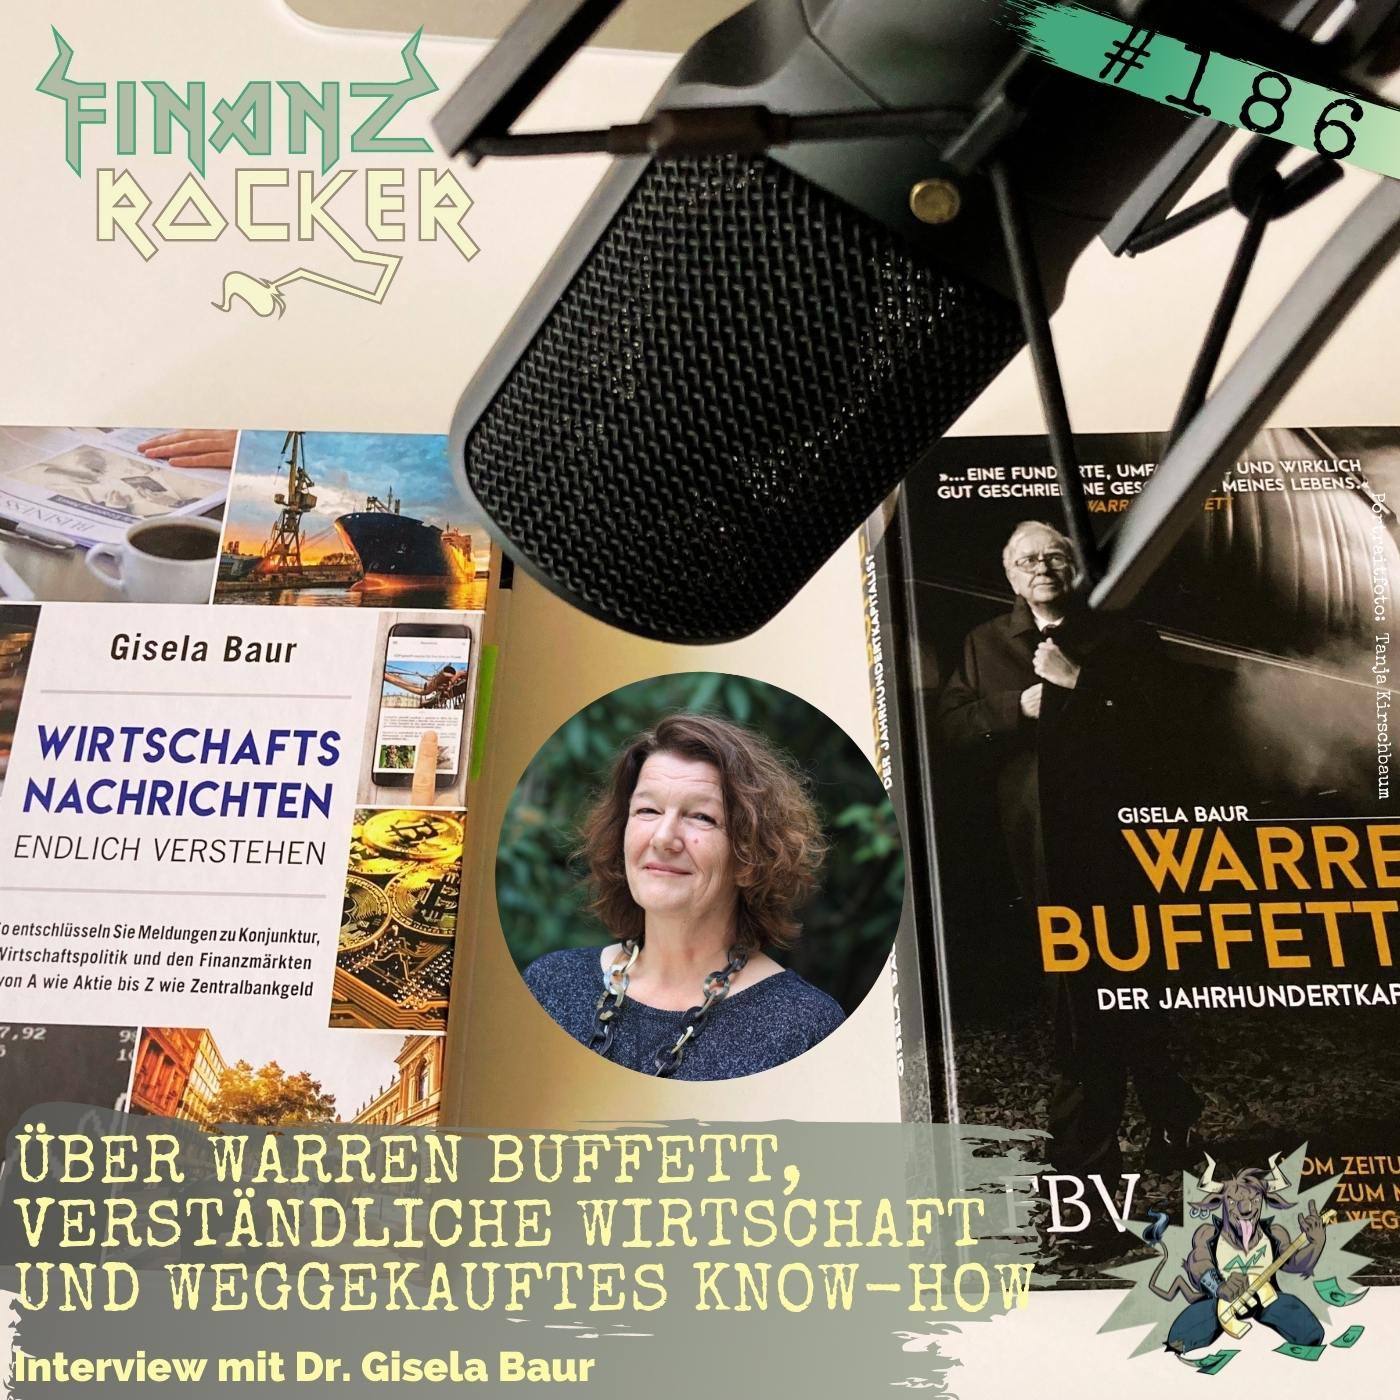 Folge 186: Über Warren Buffett, verständliche Wirtschaft und weggekauftes Know-how - Interview mit Dr. Gisela Baur